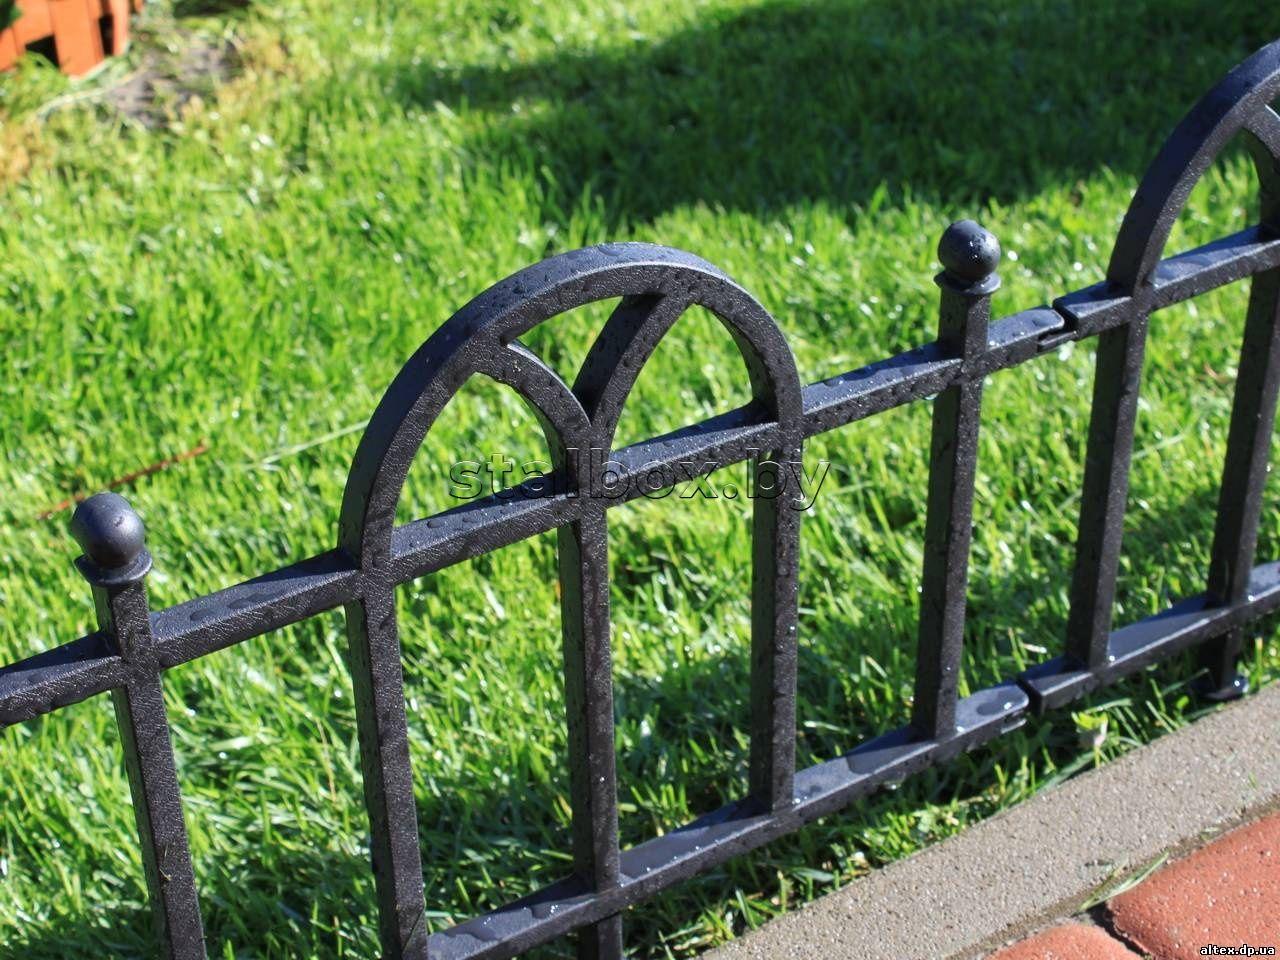 Выбираем ограждения для газона и цветочных клумб: полезные советы экспертов